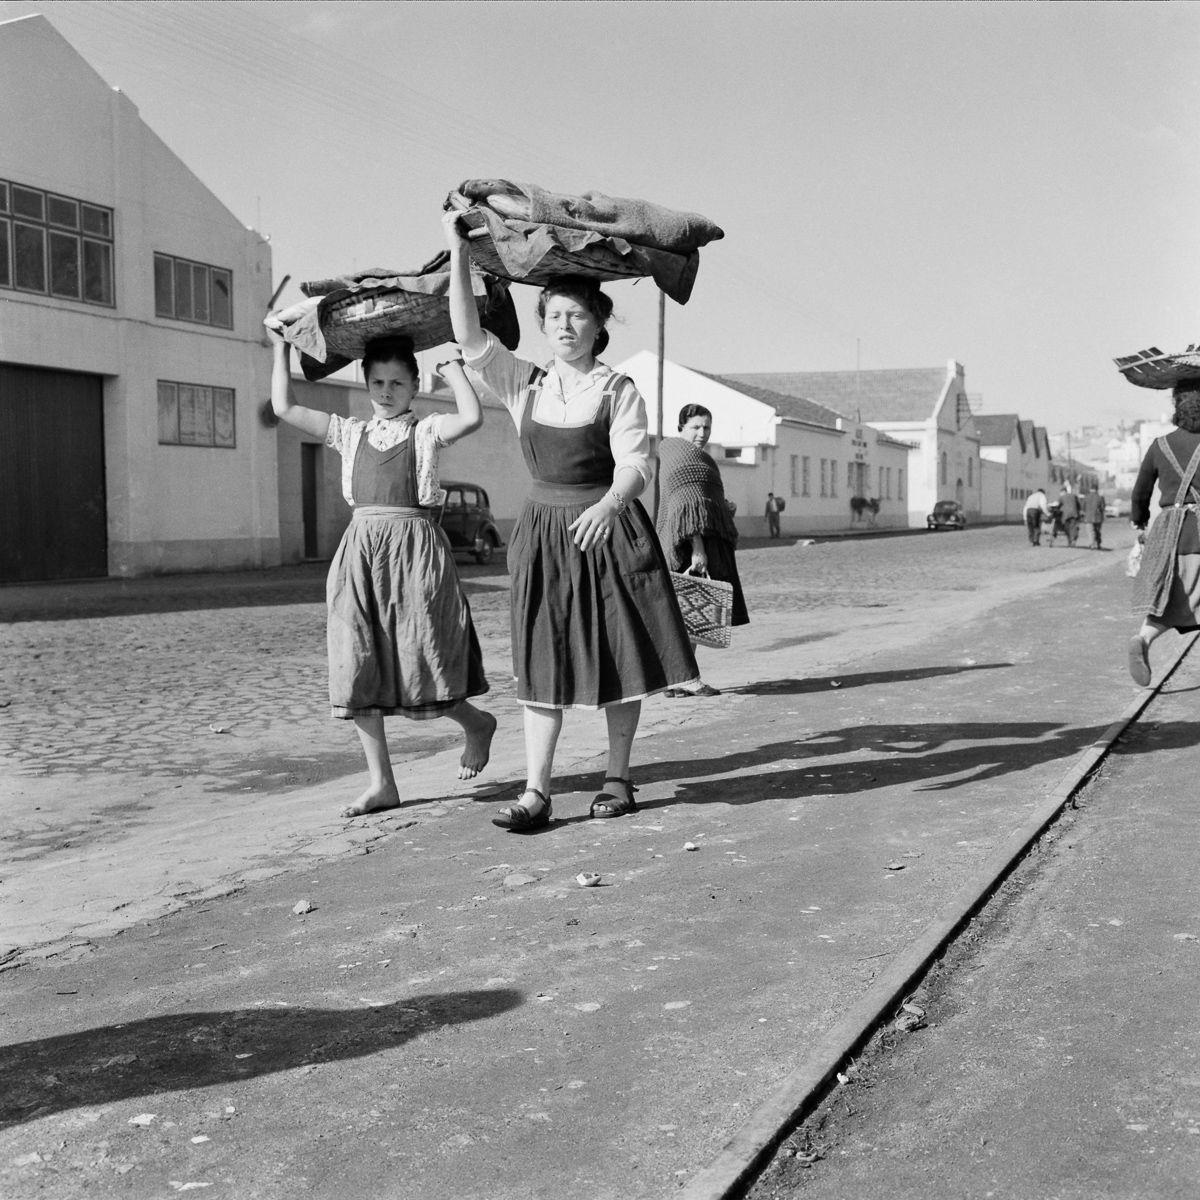 Fotografias deslumbrantes capturam a cultura da pesca dos anos 50 em Portugal 04